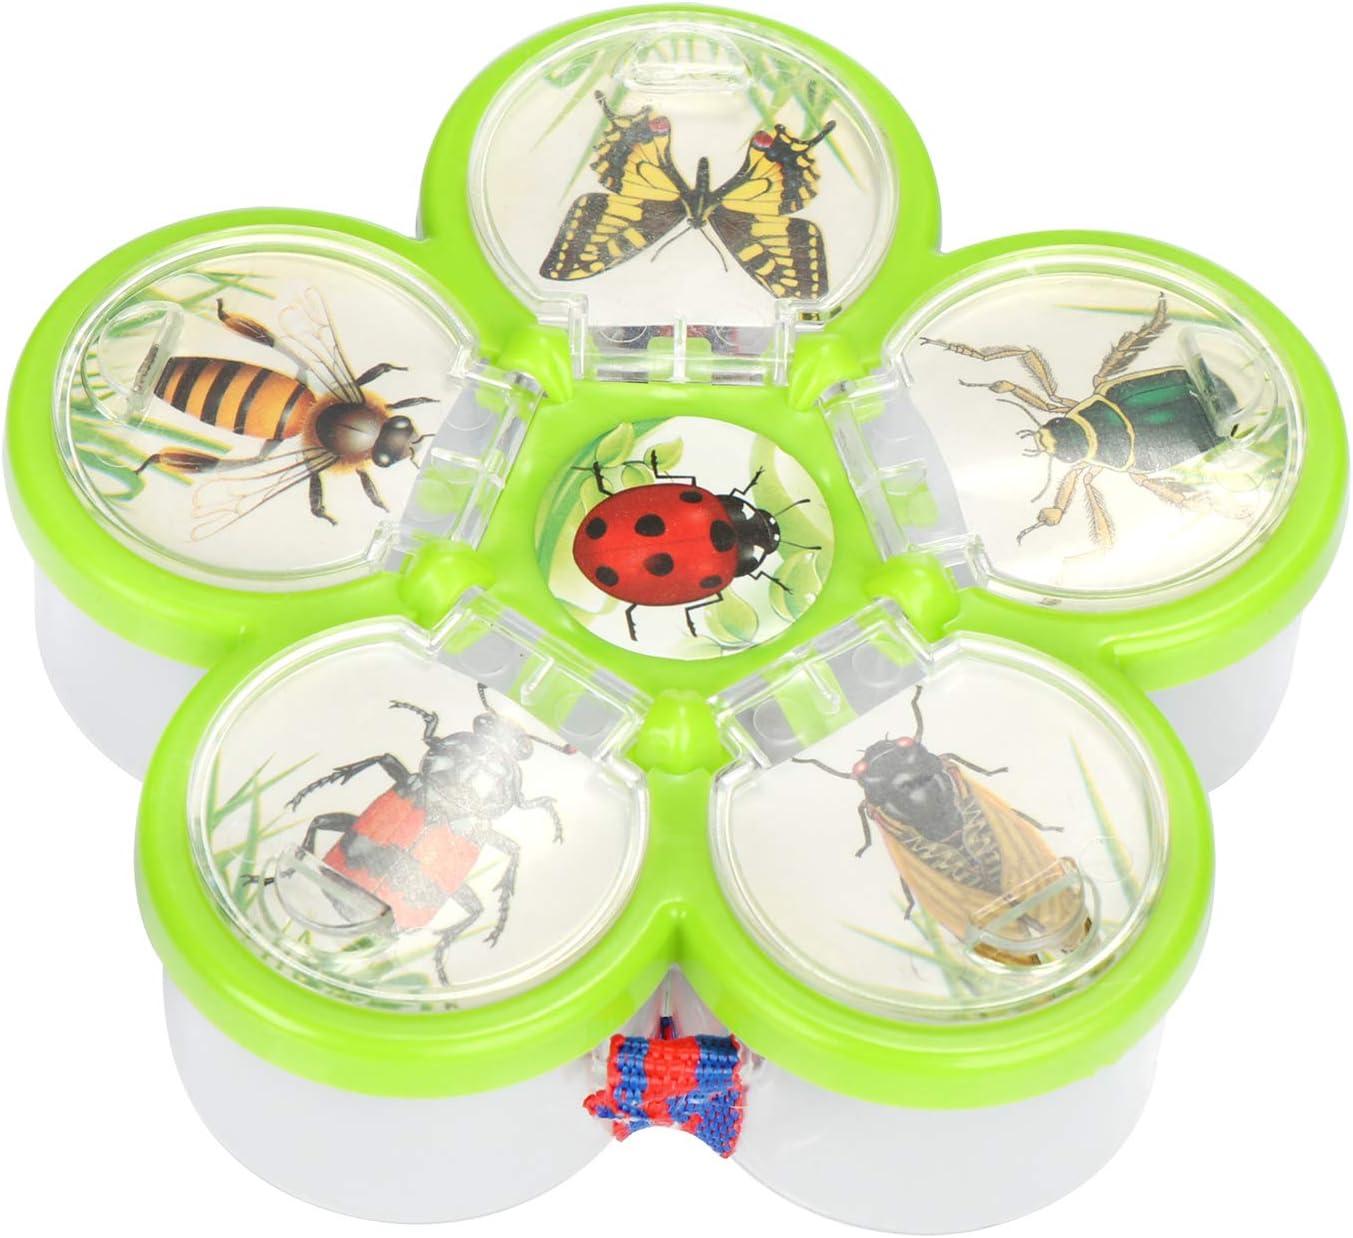 Juego para la Caza de Insectos con Lupa y alicates Juguetes de Aprendizaje Biolog/ía com-four/® 2X Juego de investigaci/ón para ni/ños 02 Piezas - Set2 Set Descubridor para ni/ños